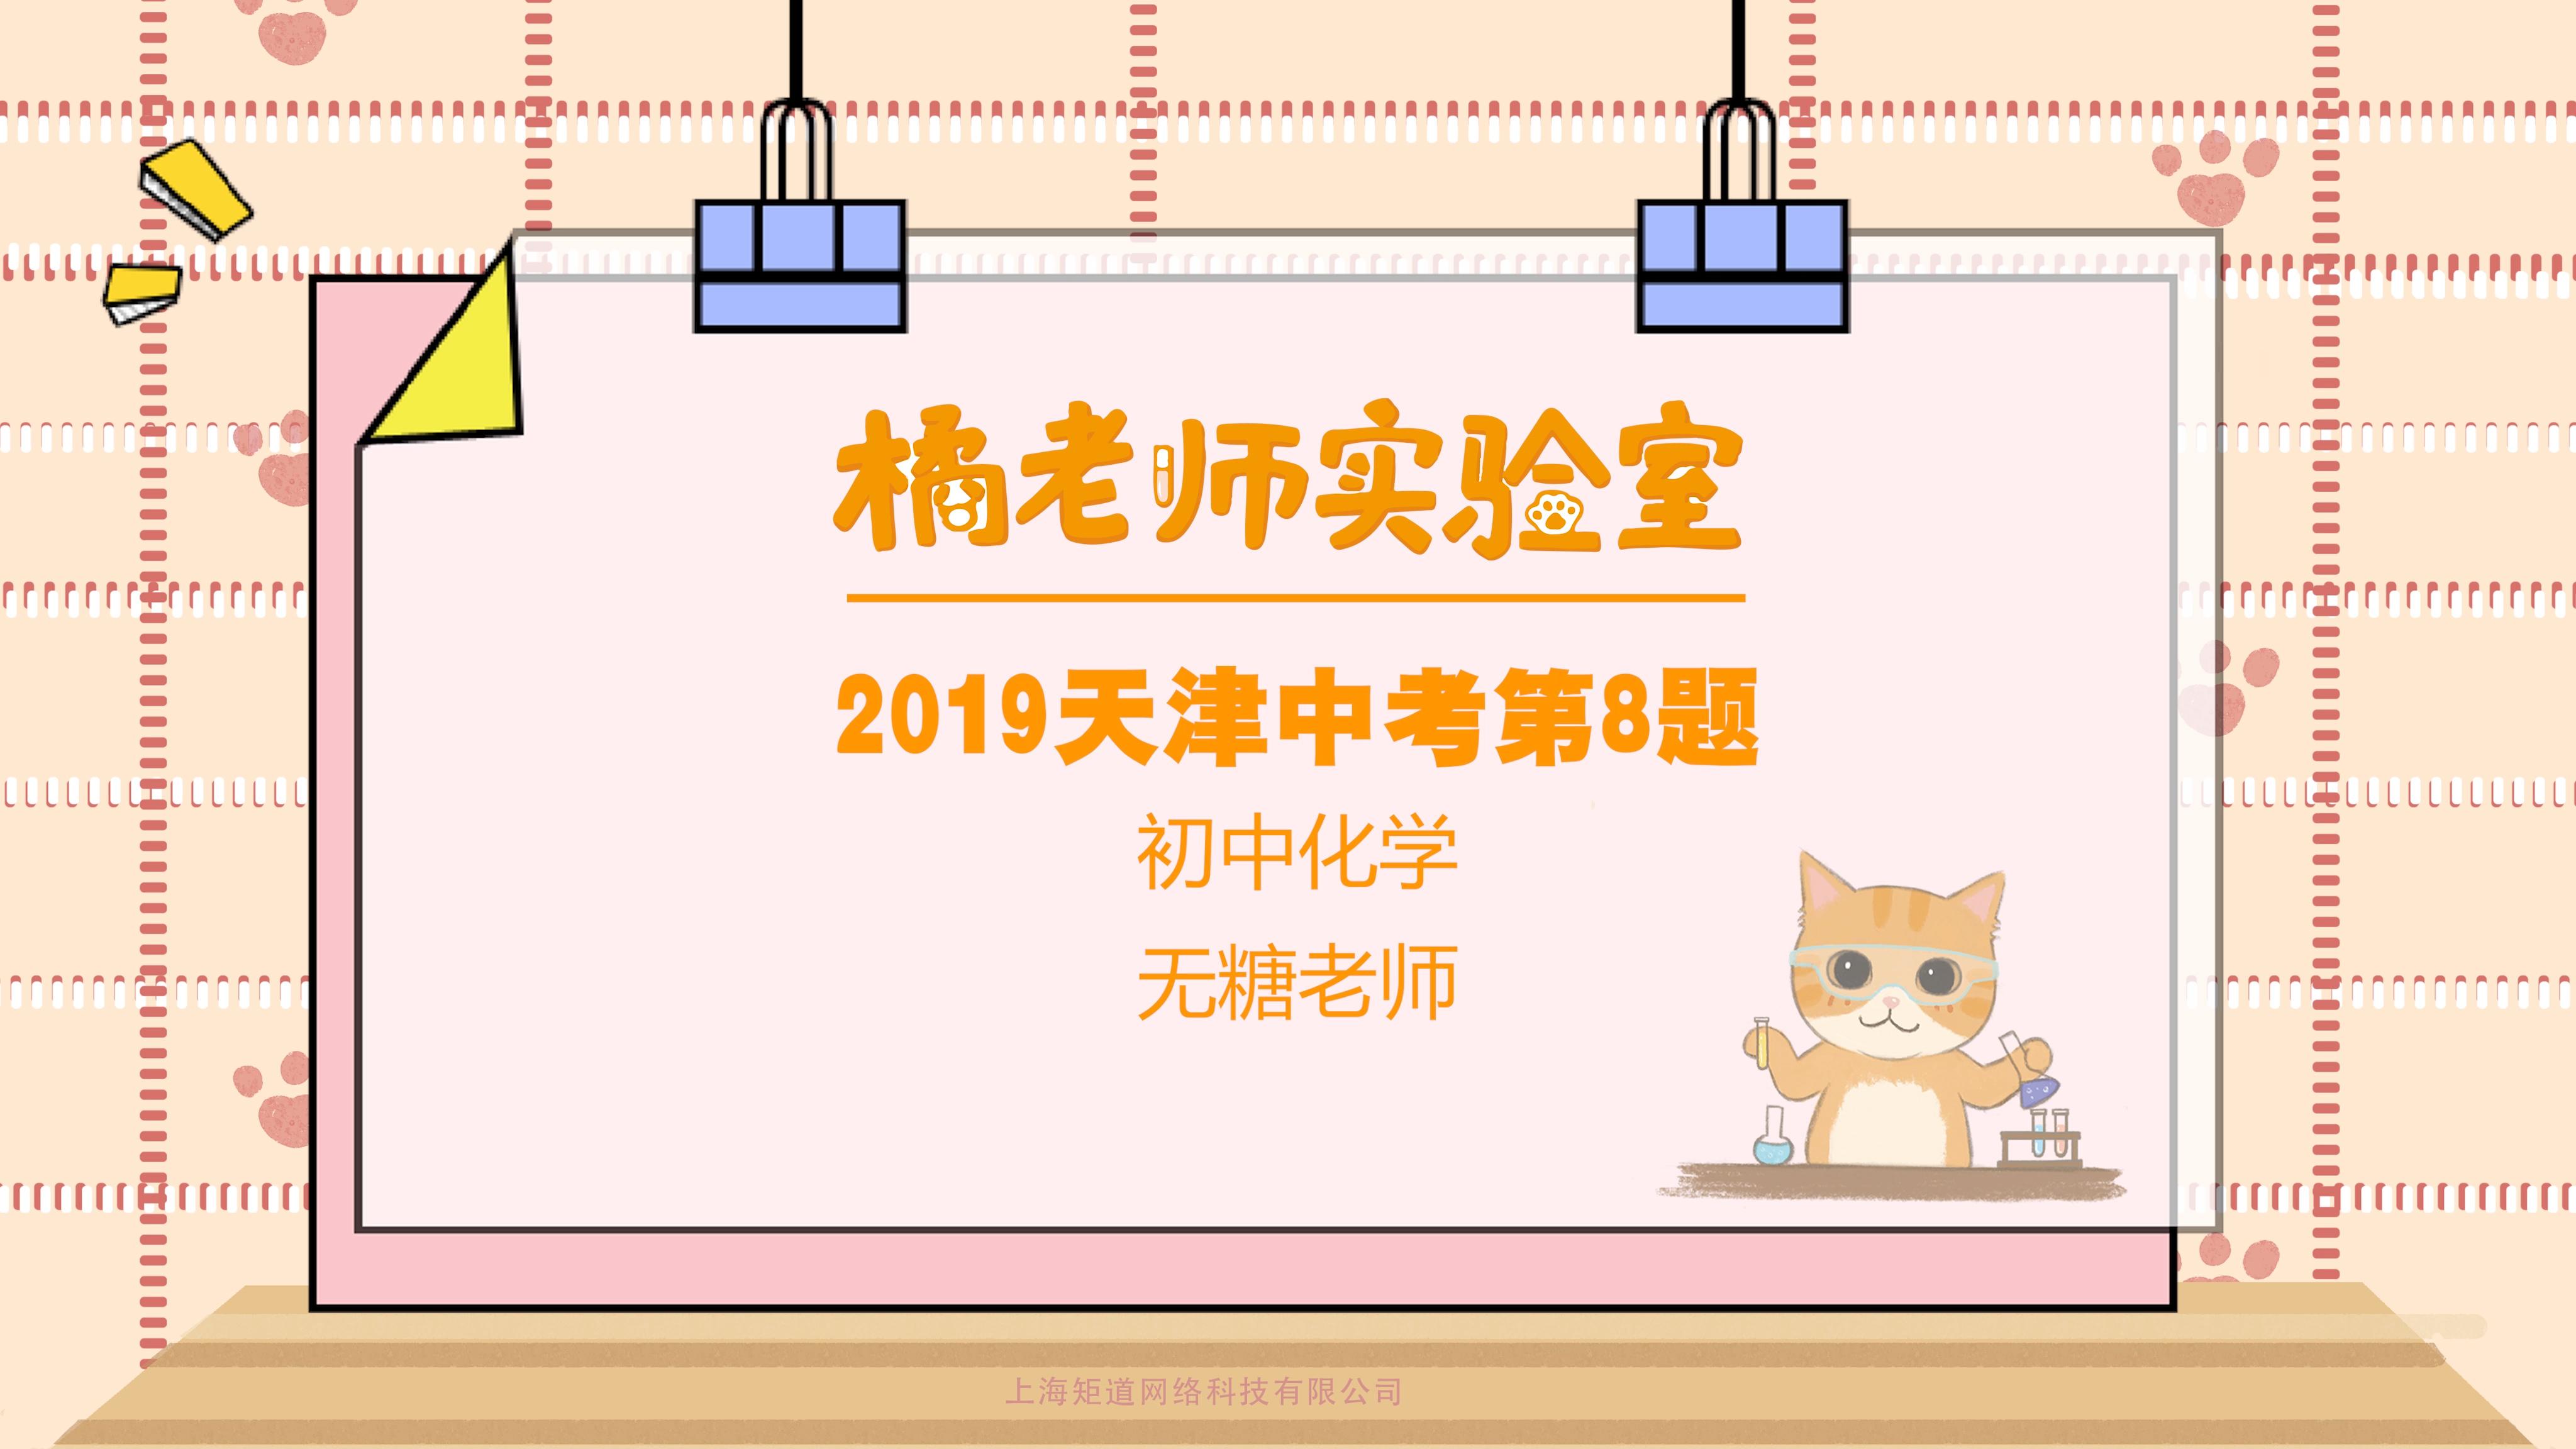 第一百四十五期:《2019天津中考化学第8题》